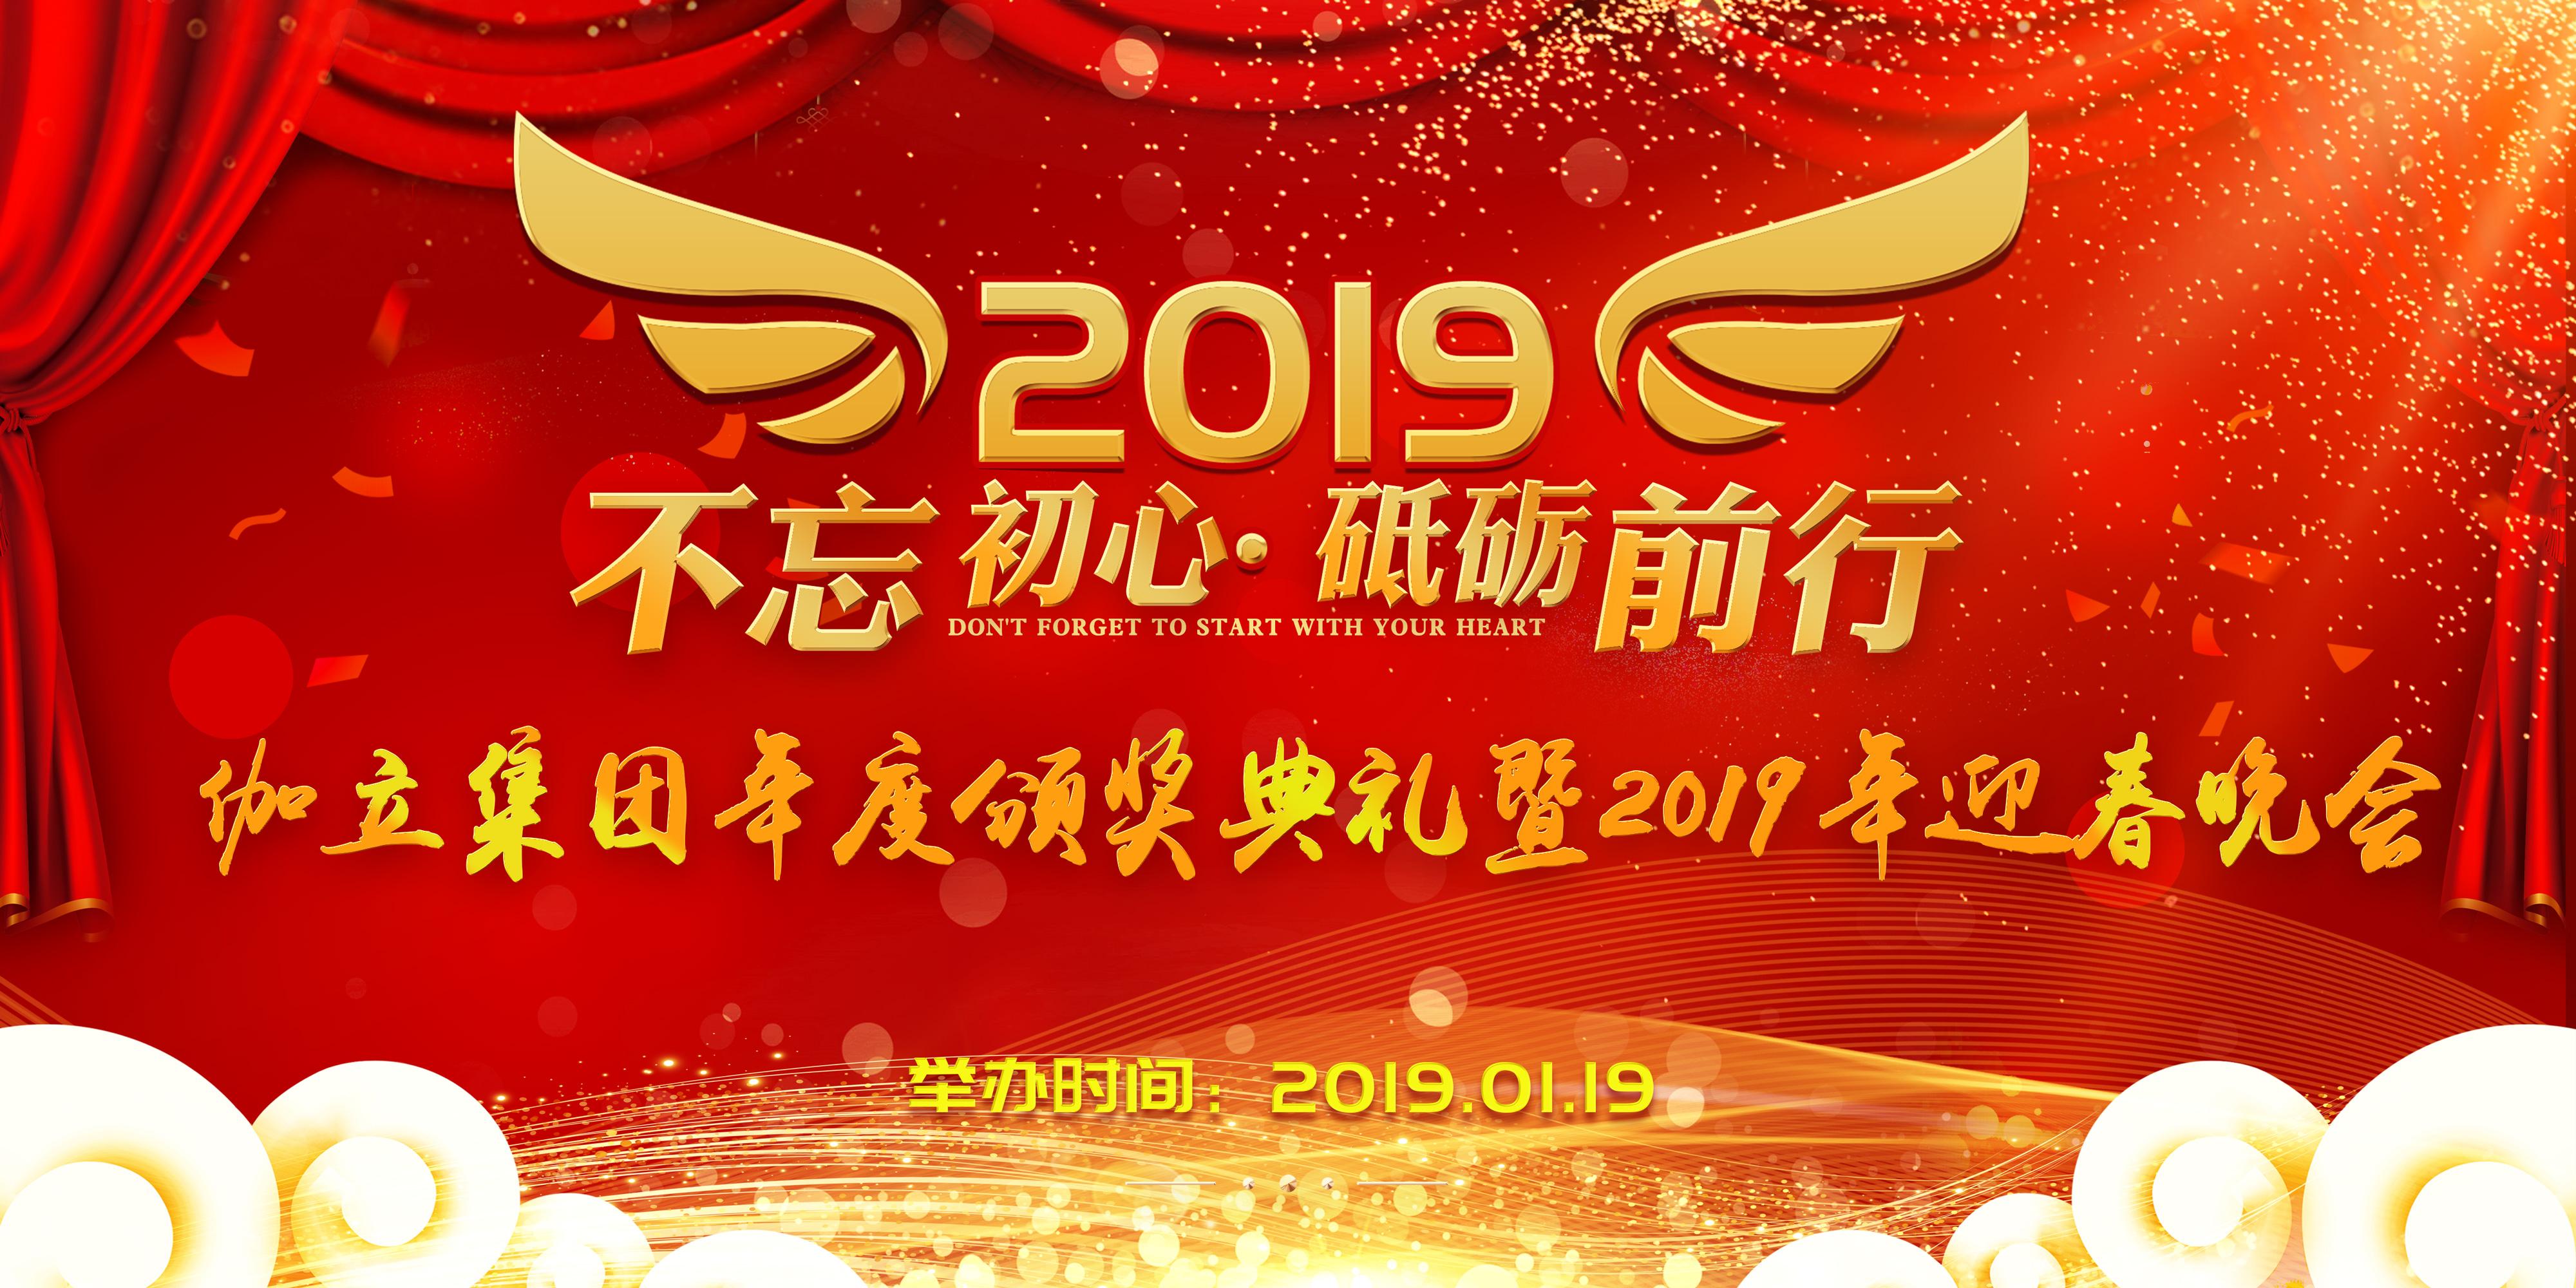 伽立集團2019年會